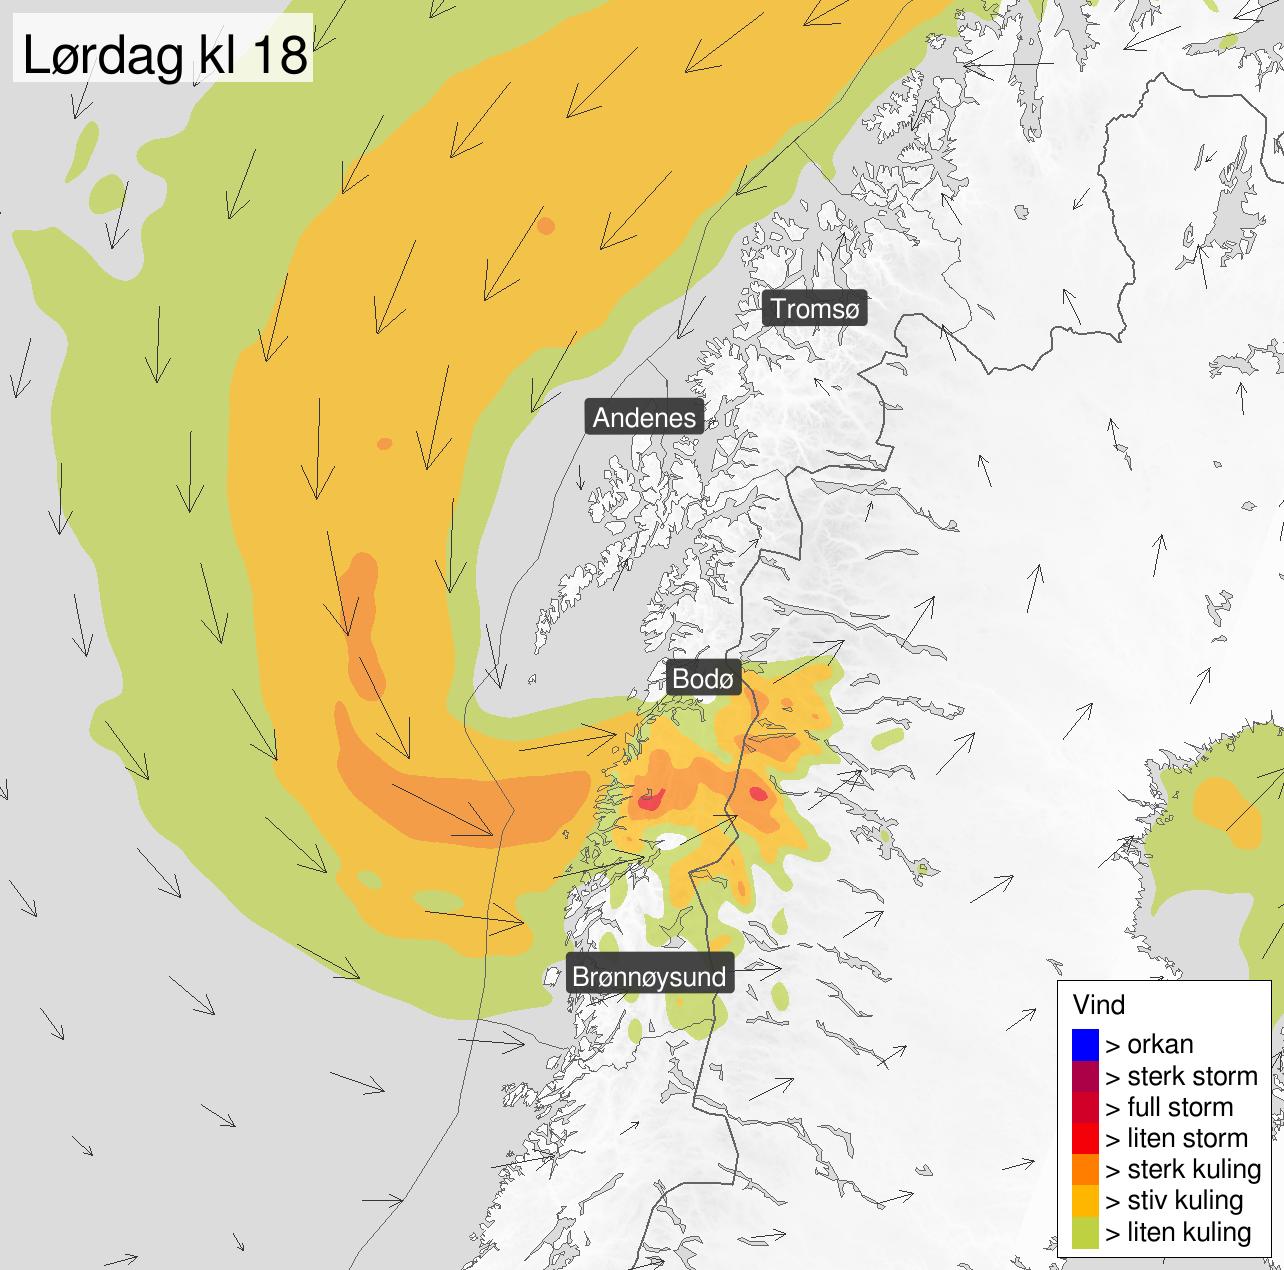 KULING: Illustrasjonen viser hvordan vinden, med stiv kuling i styrke, vil treffe Nordland klokken 18 lørdag.